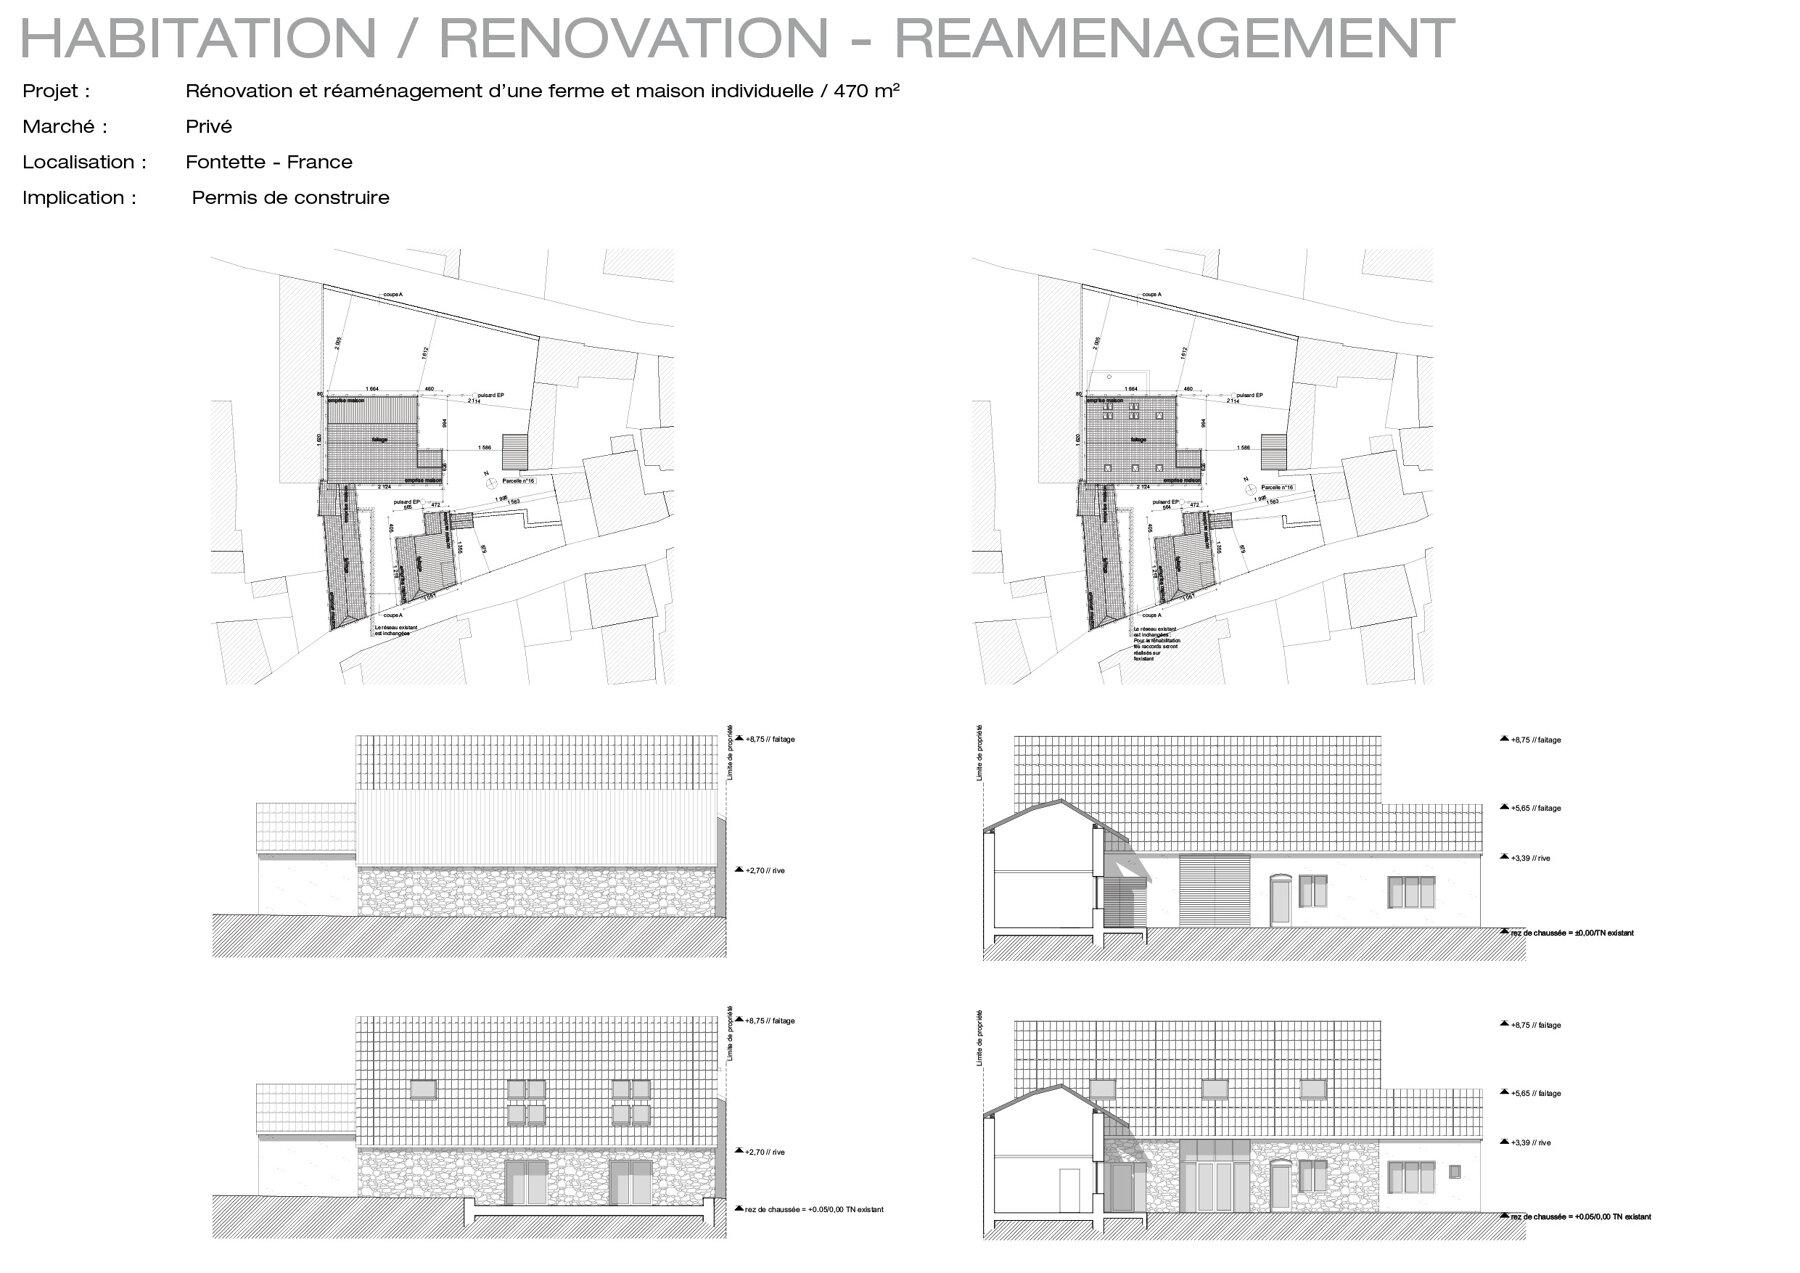 Rénovation et réaménagement d'une ferme en maison individuelle